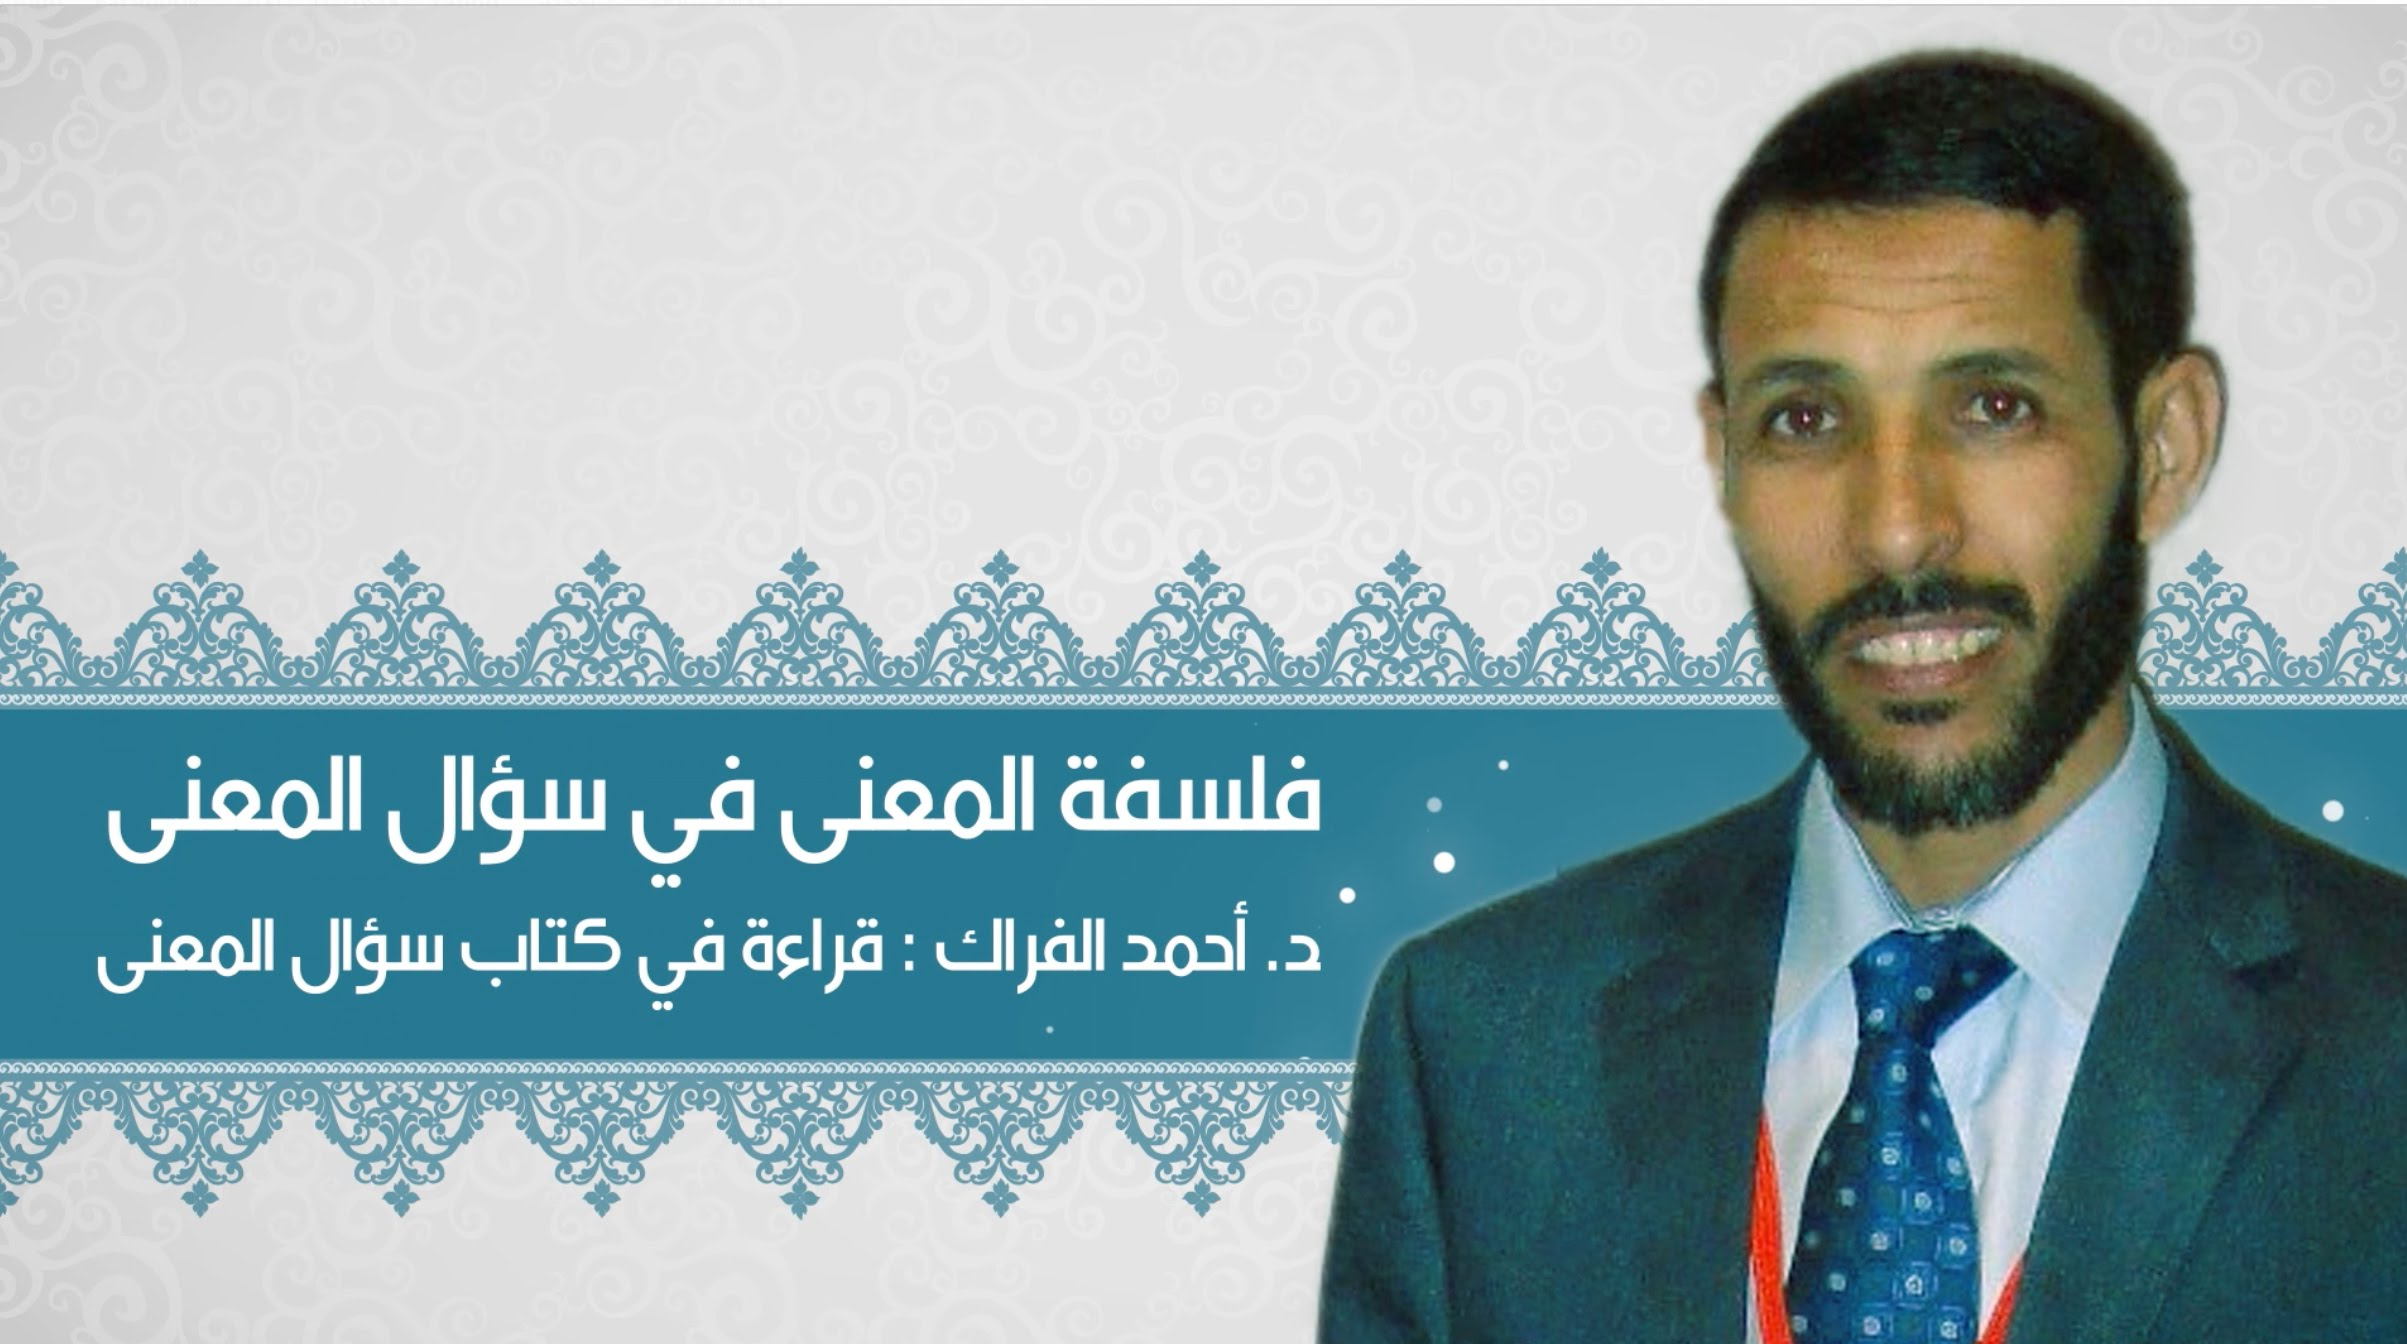 الدكتورأحمد الفراك:  فلسفة المعنى في سؤال المعنى